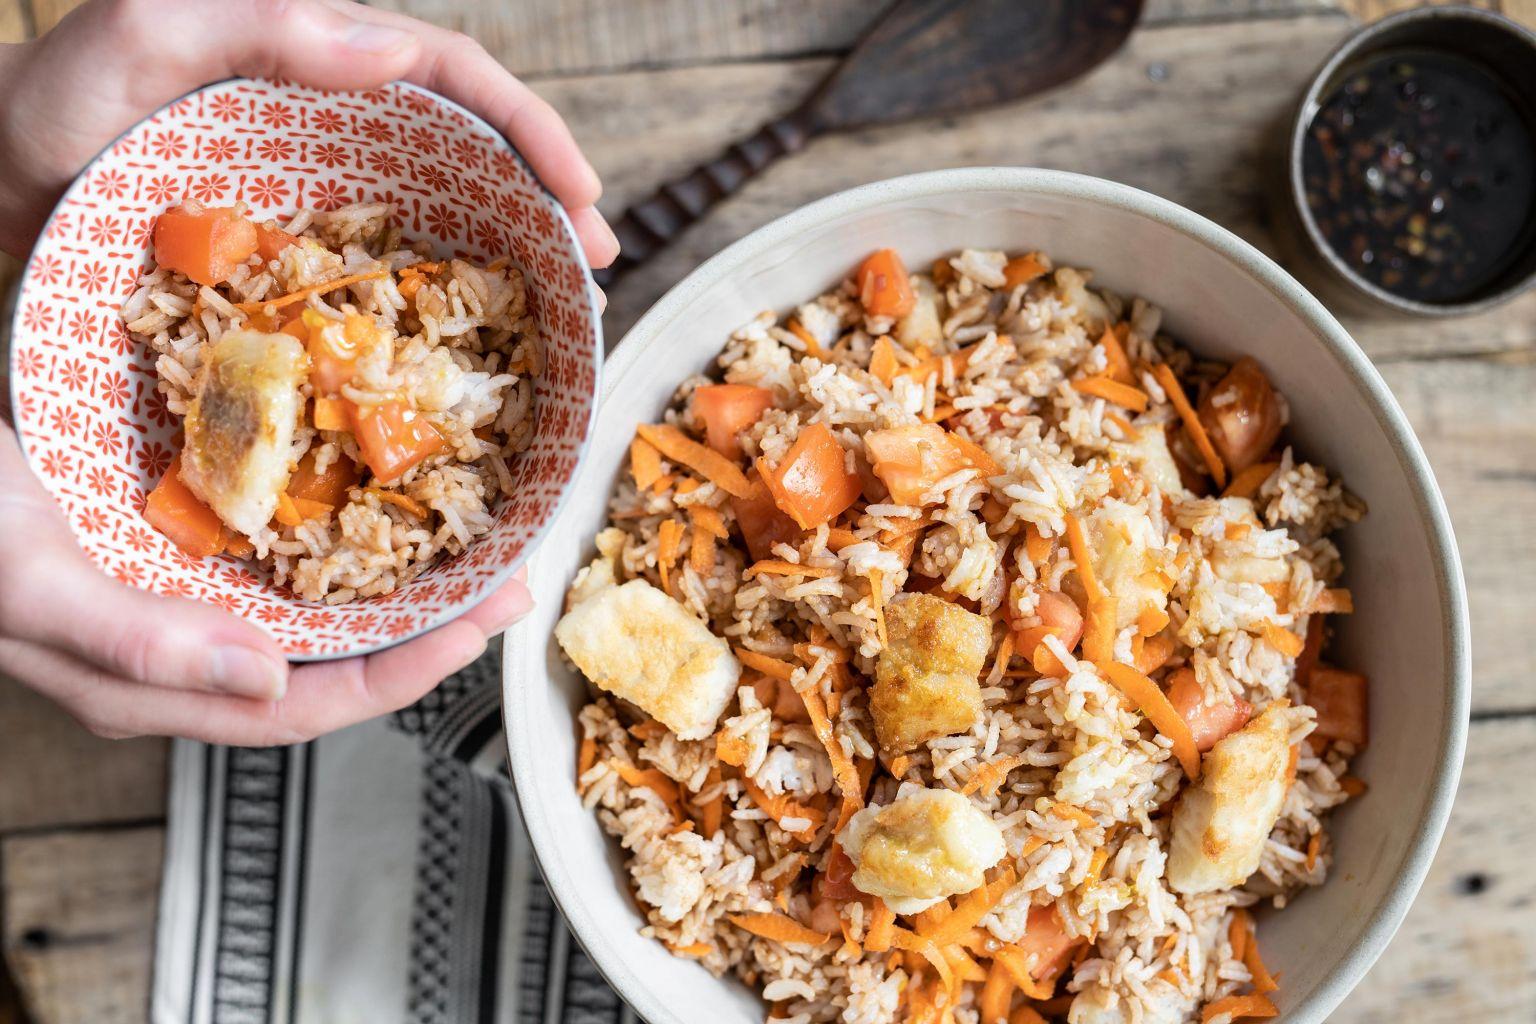 Salade de riz au lieu noir grillé et vinaigrette à la sauce soja